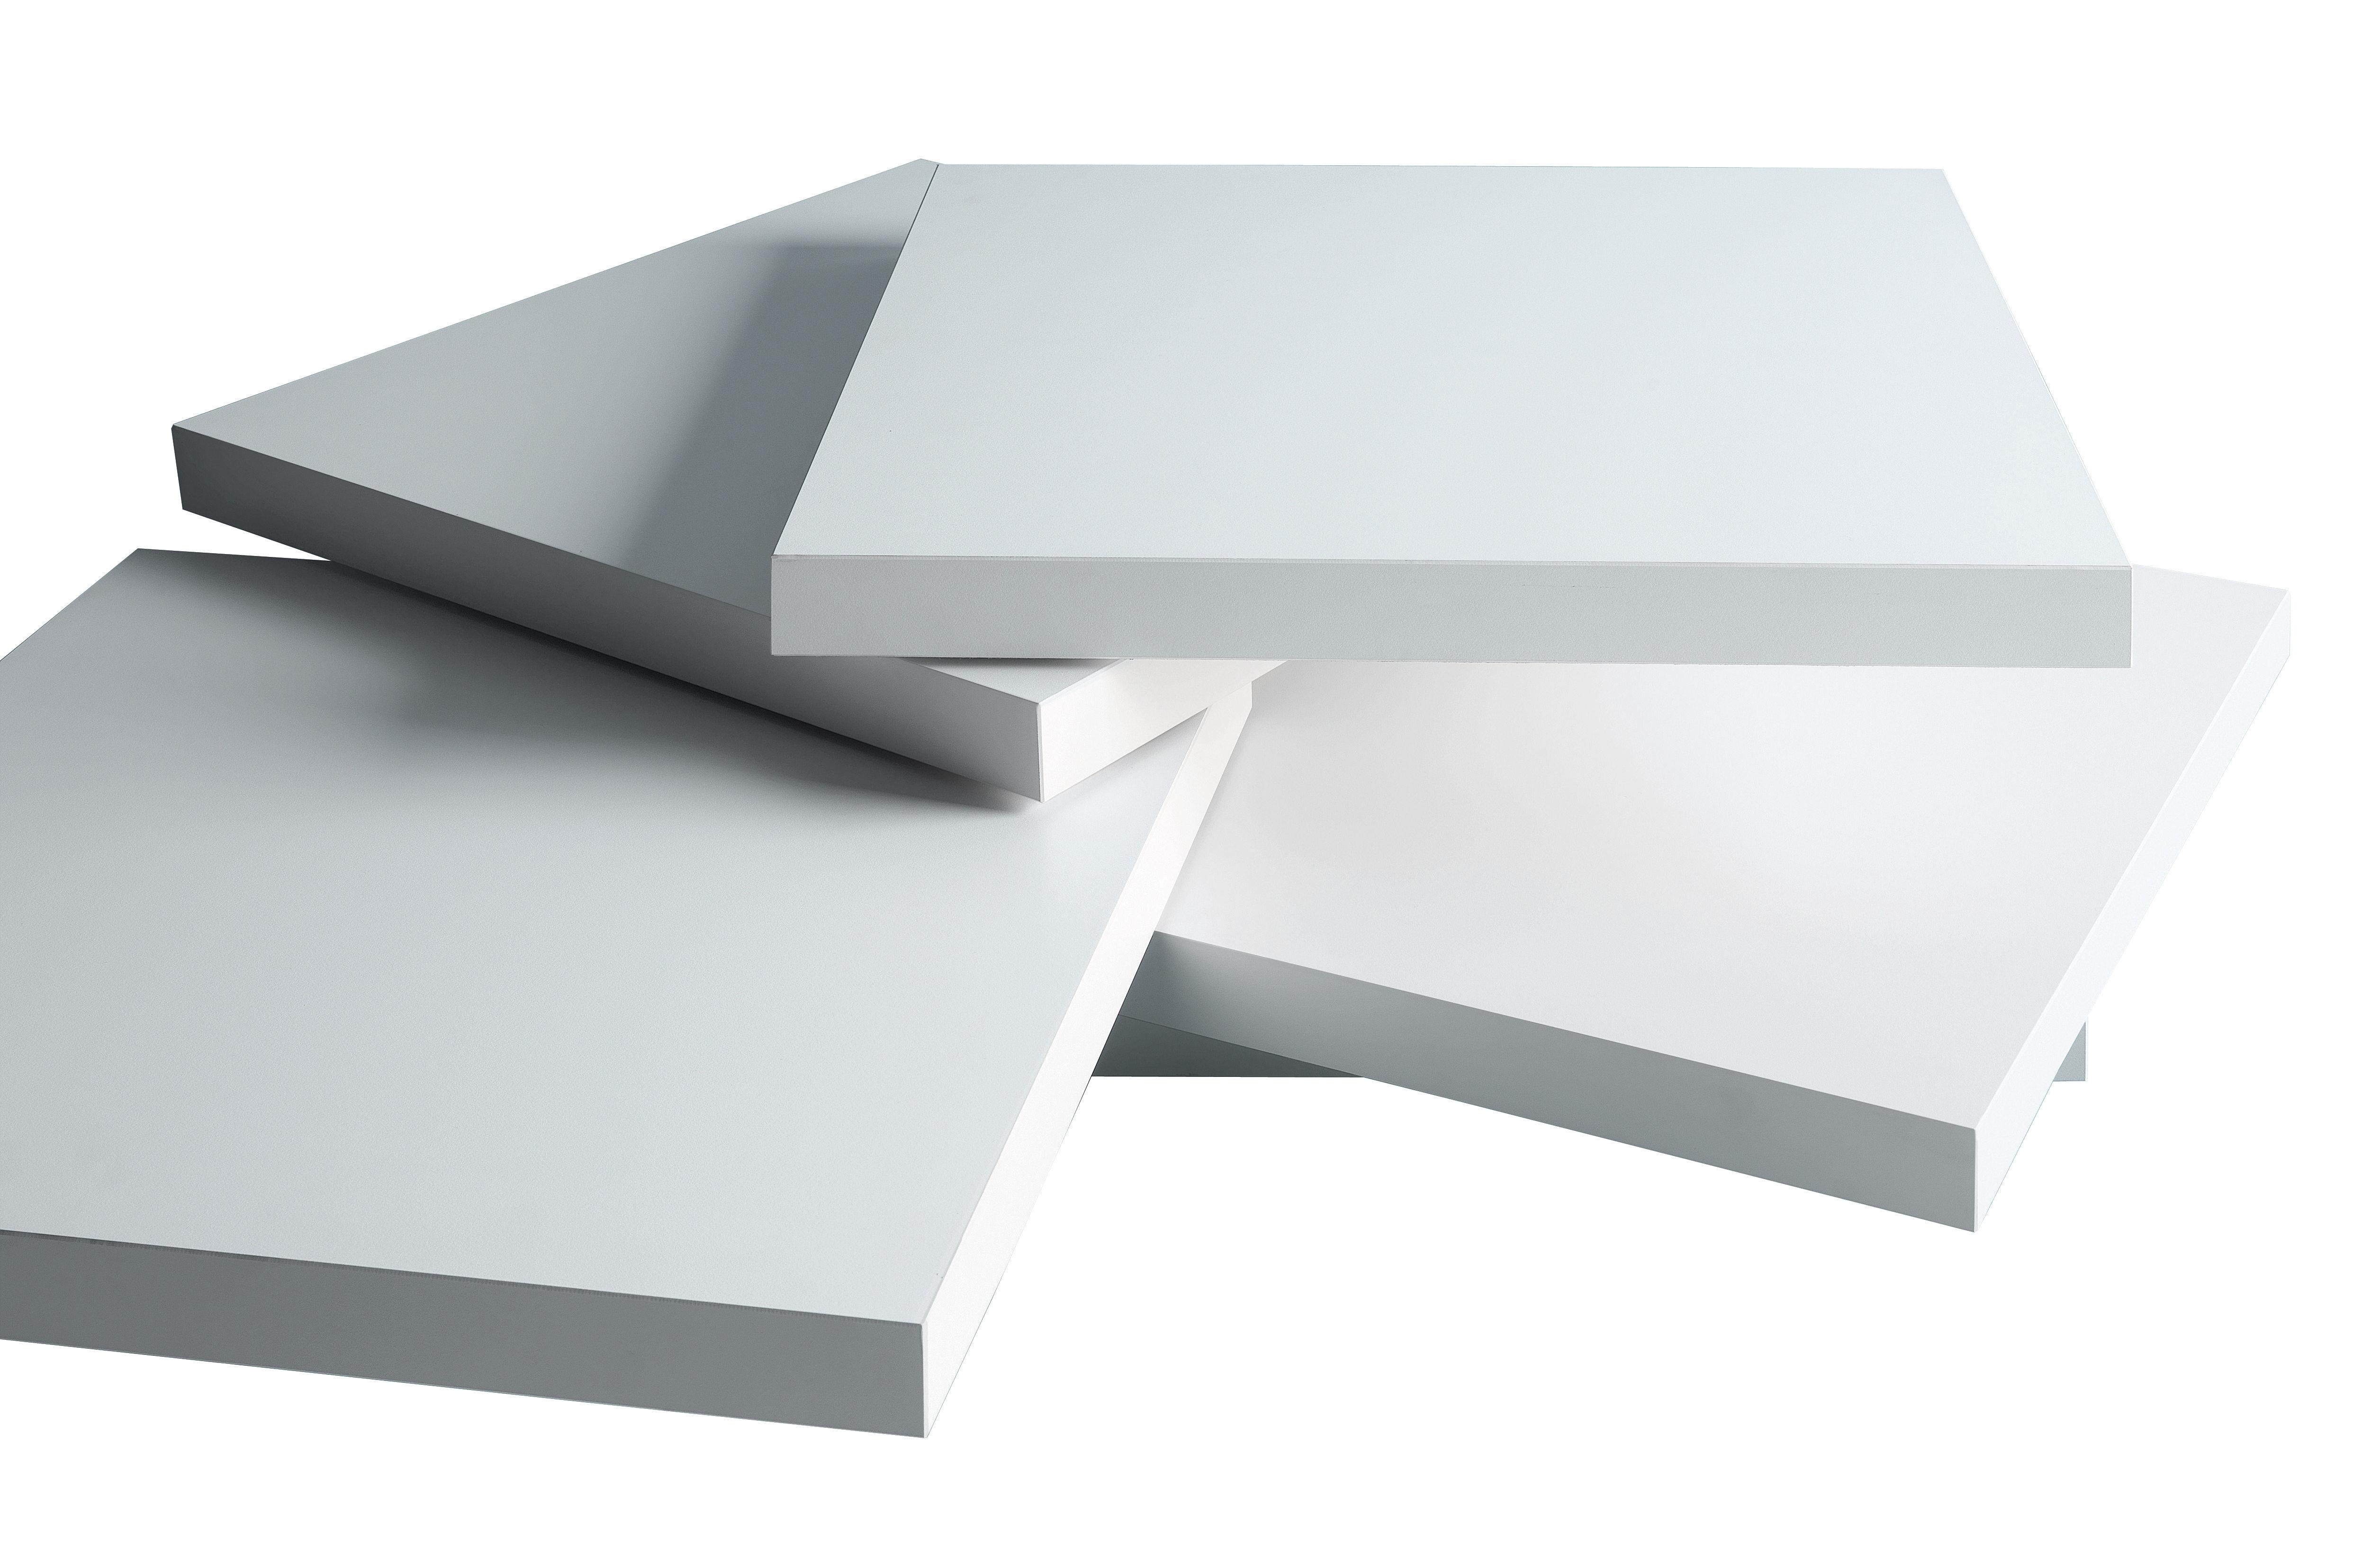 Möbel - Couchtische - Rotor Couchtisch rotierende Platten - Kristalia - weiß - Eiche, Laminat